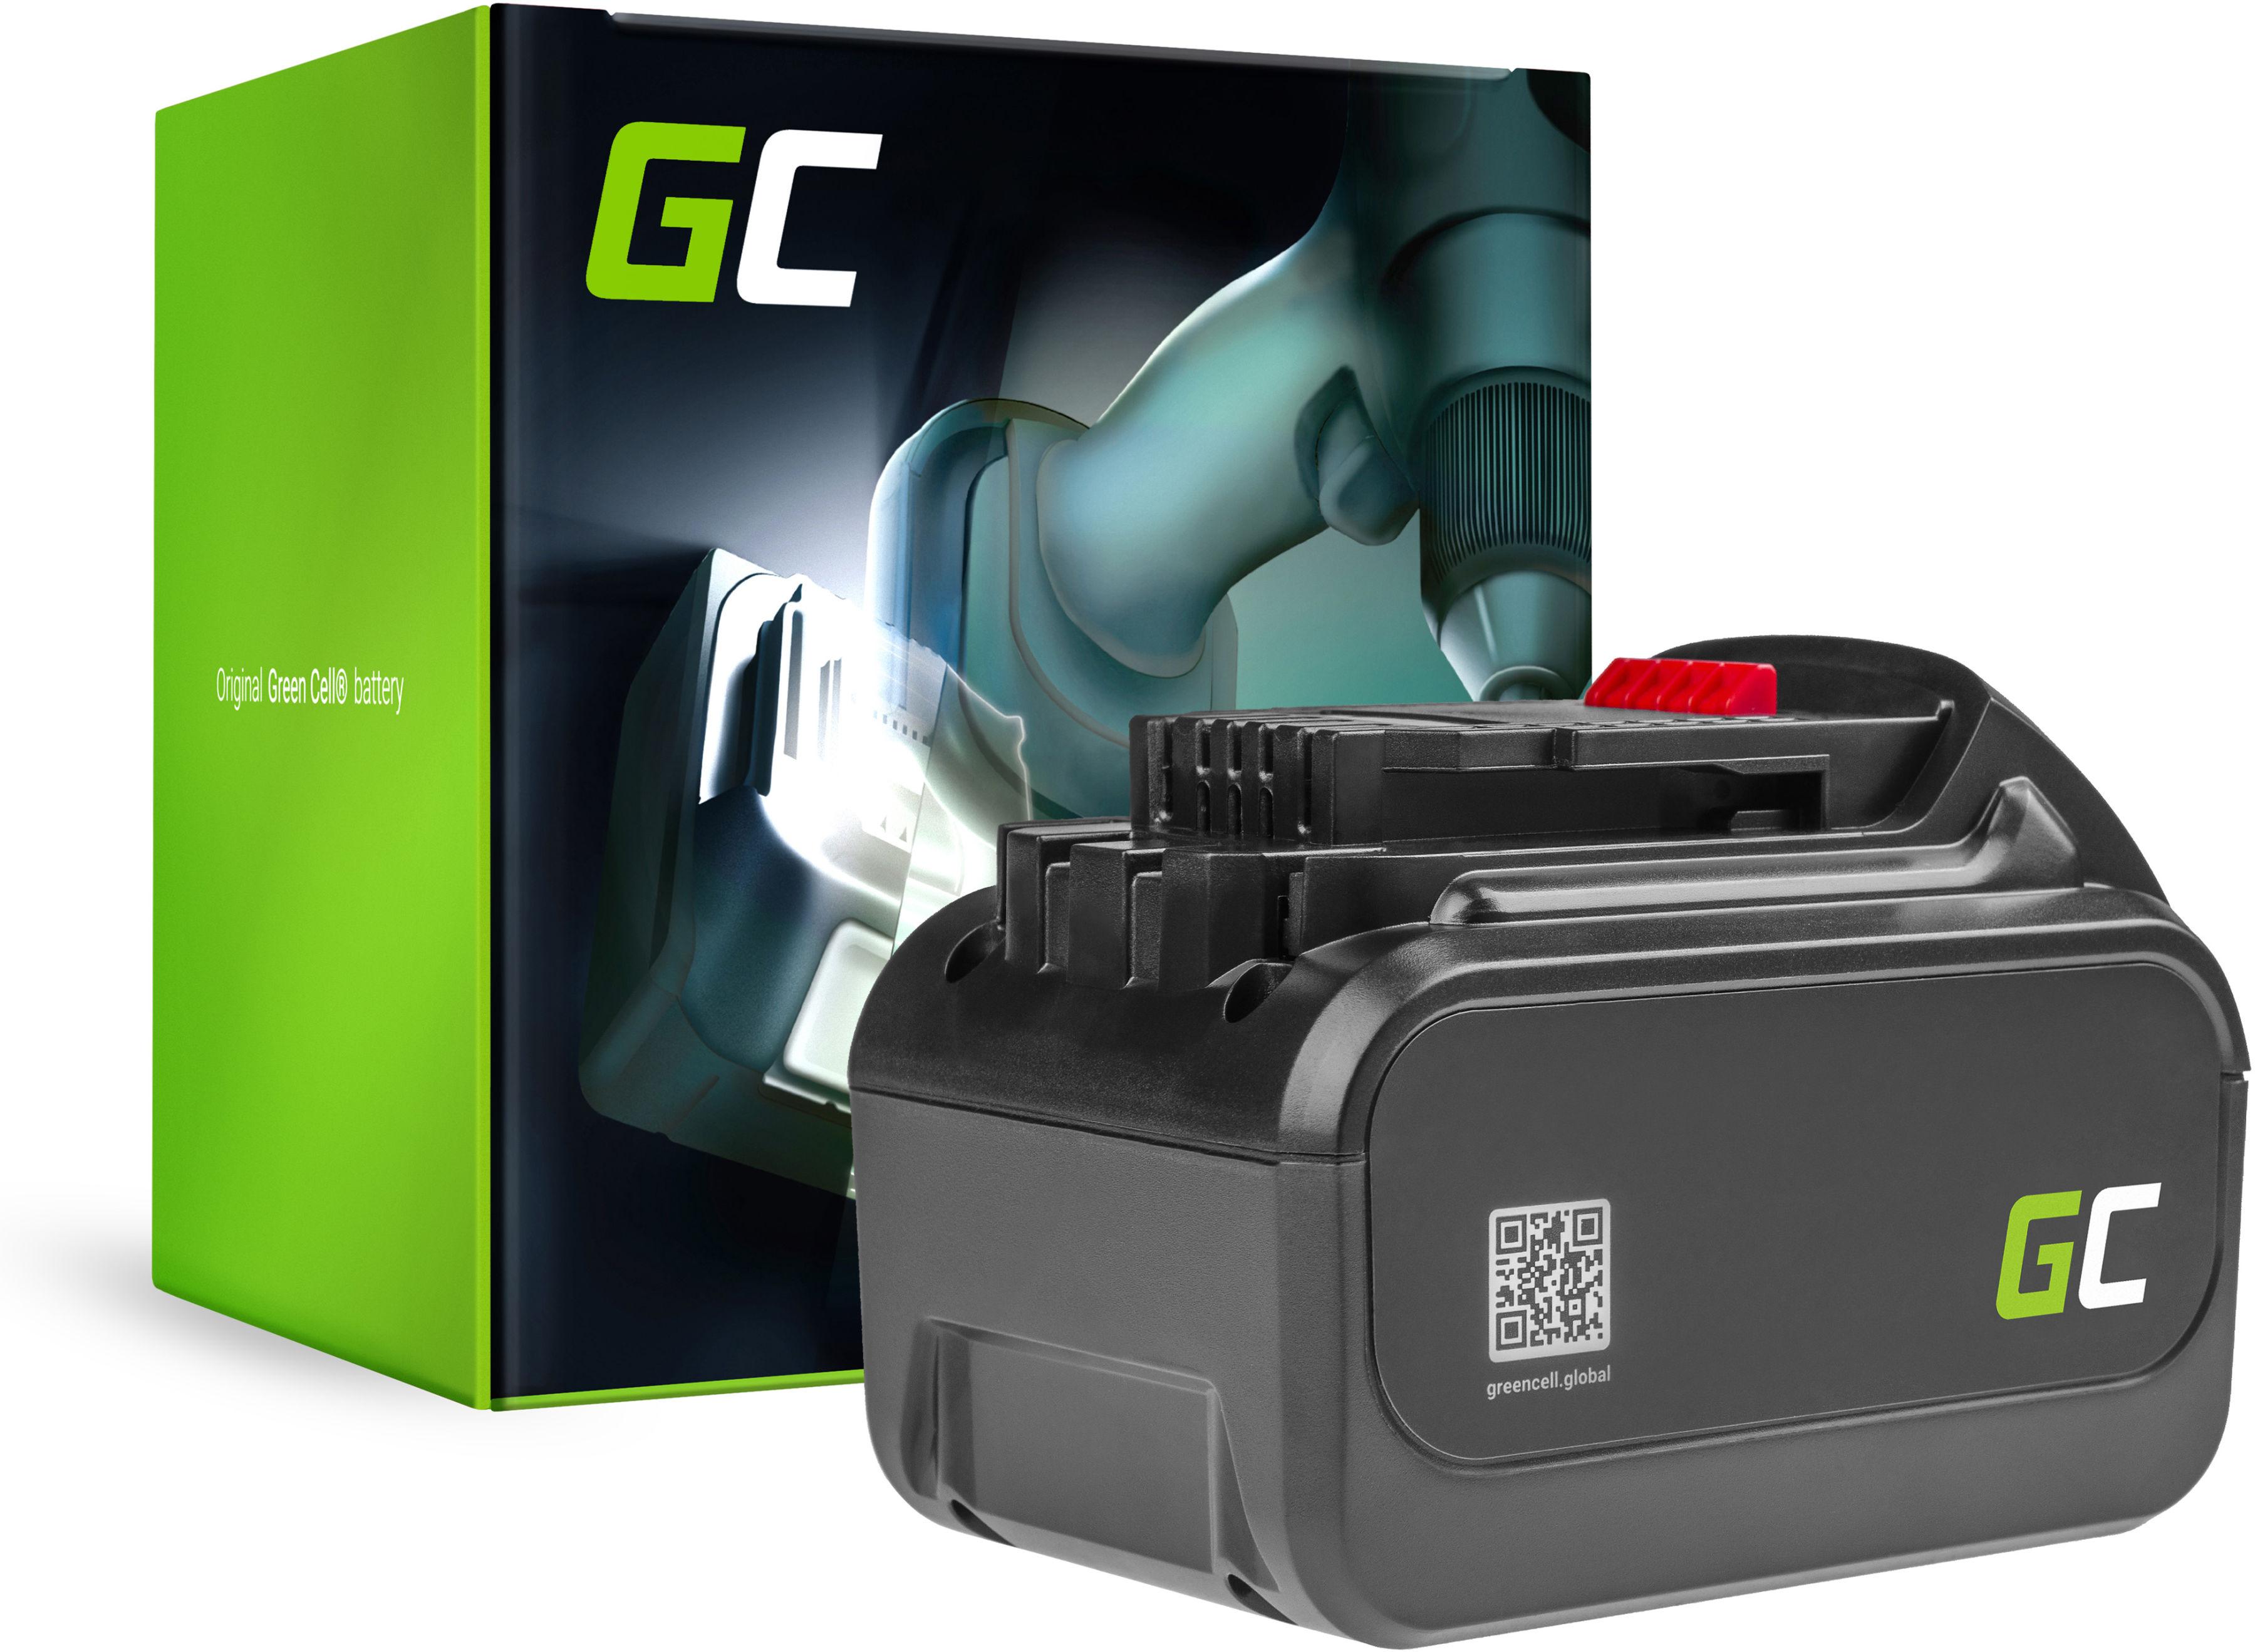 Bateria Green Cell (4.5/1.5Ah 18/54V) DCB546 DCB546XJ DCB547 DCB548 DCB184 do DeWalt XR Flexvolt DCD776 DCF899P2 DCD796P2 DCF885